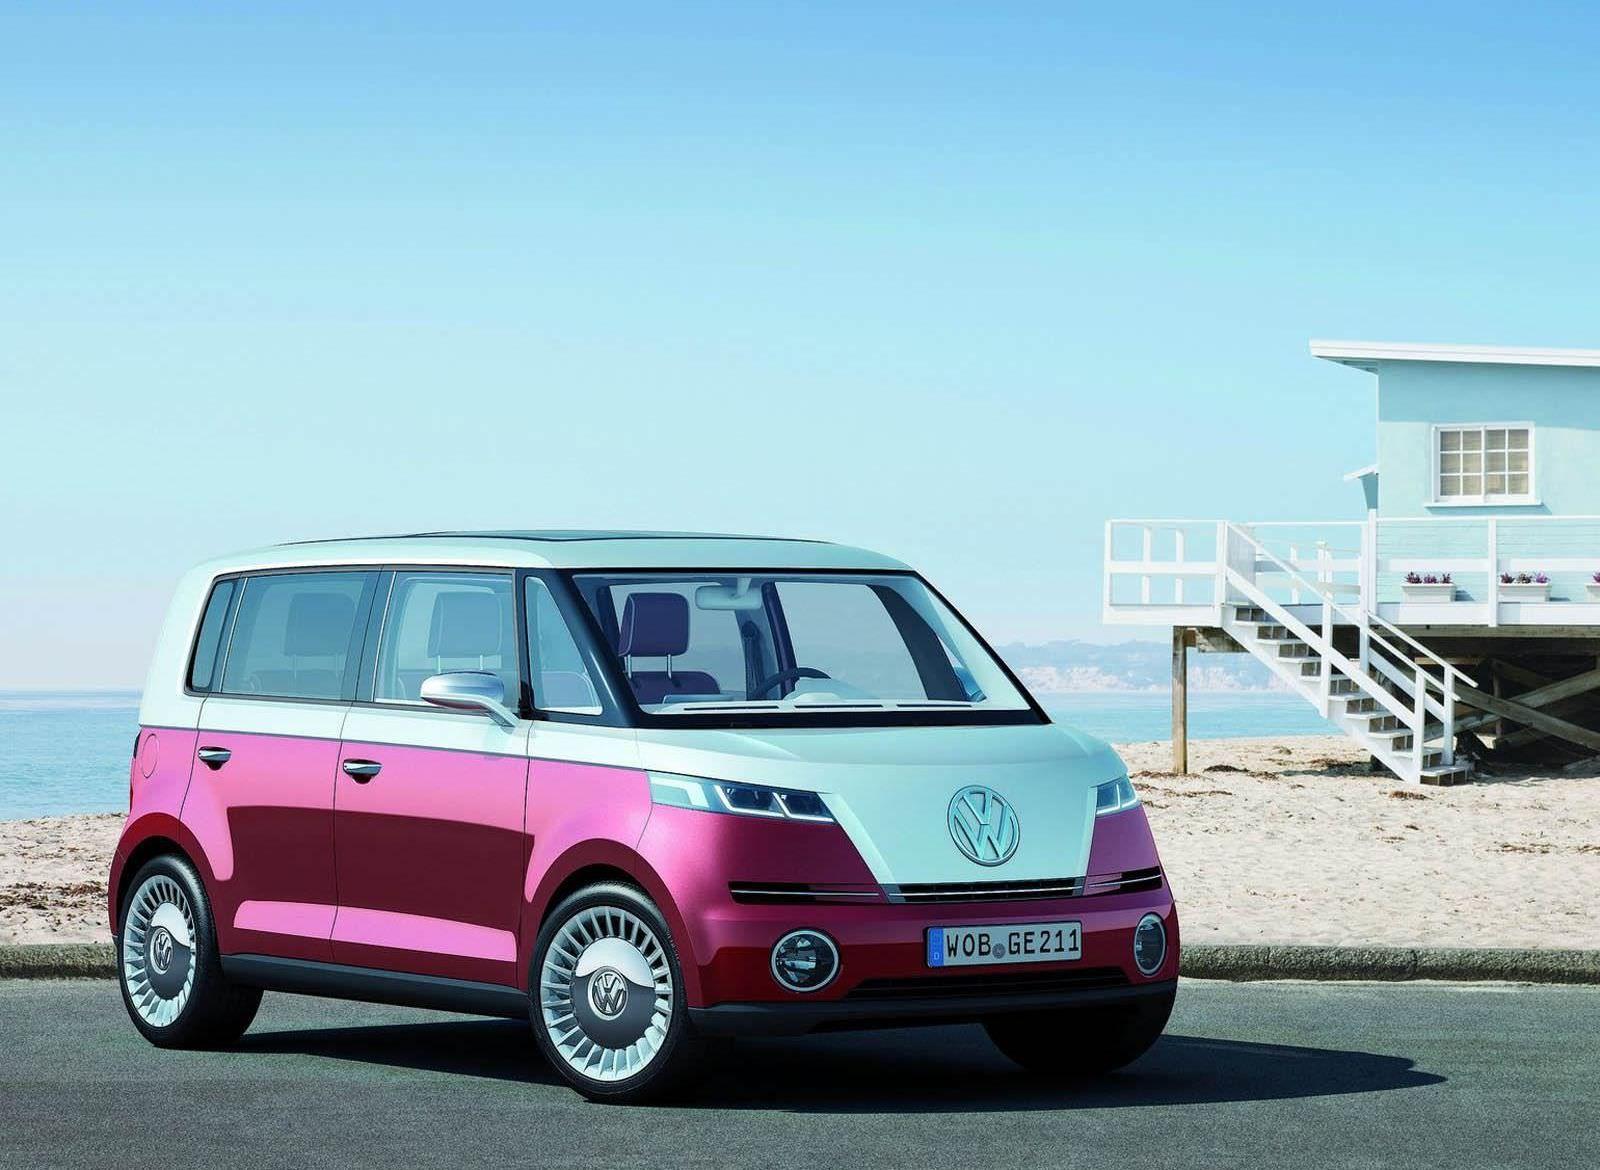 Volkswagen-Bulli-Microvan Concept